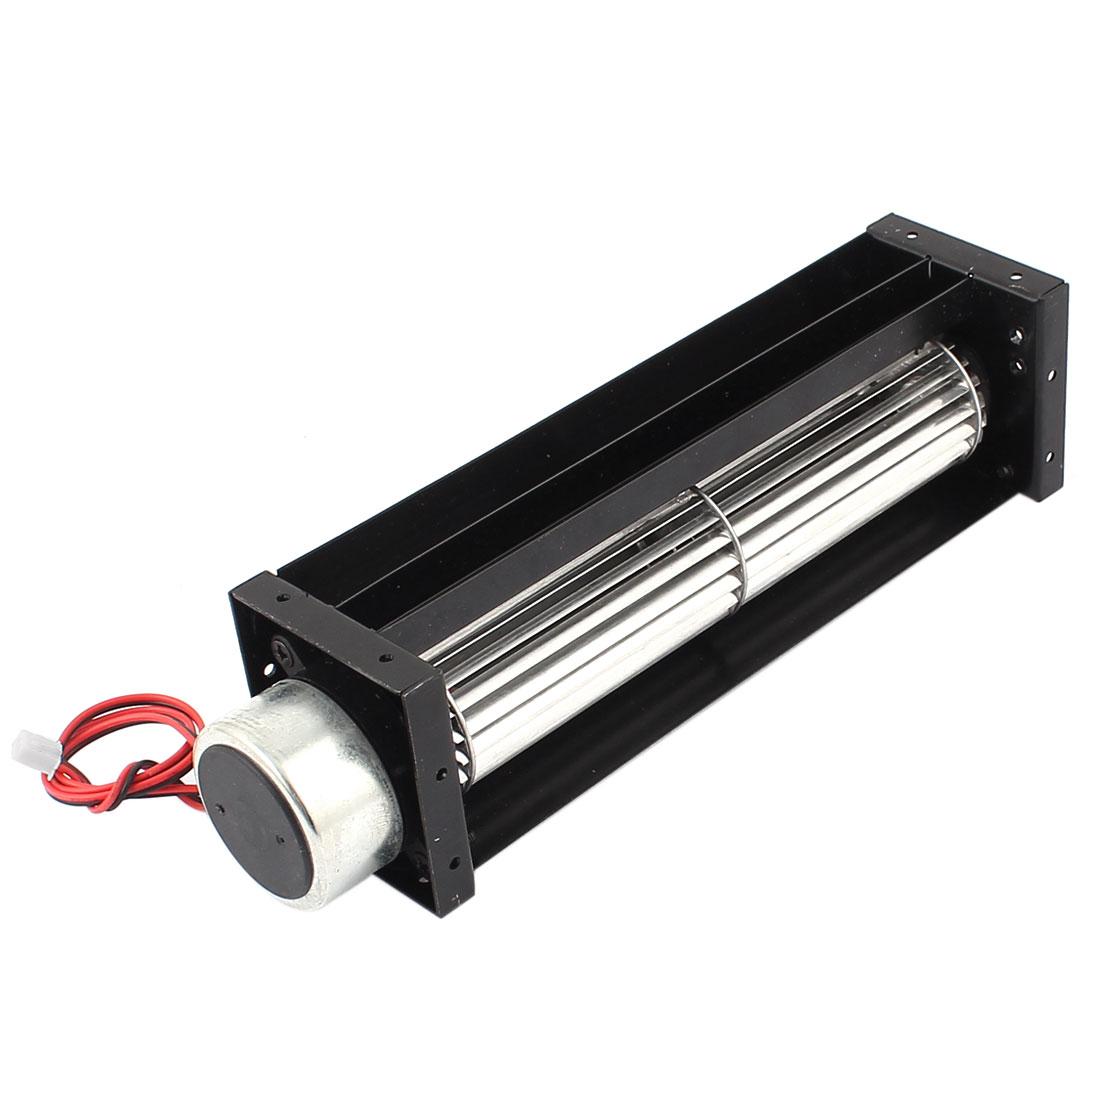 DC 12V 0.18A Cross Flow Cooling Fan Heat Exchanger Amplifier Cool Turbo